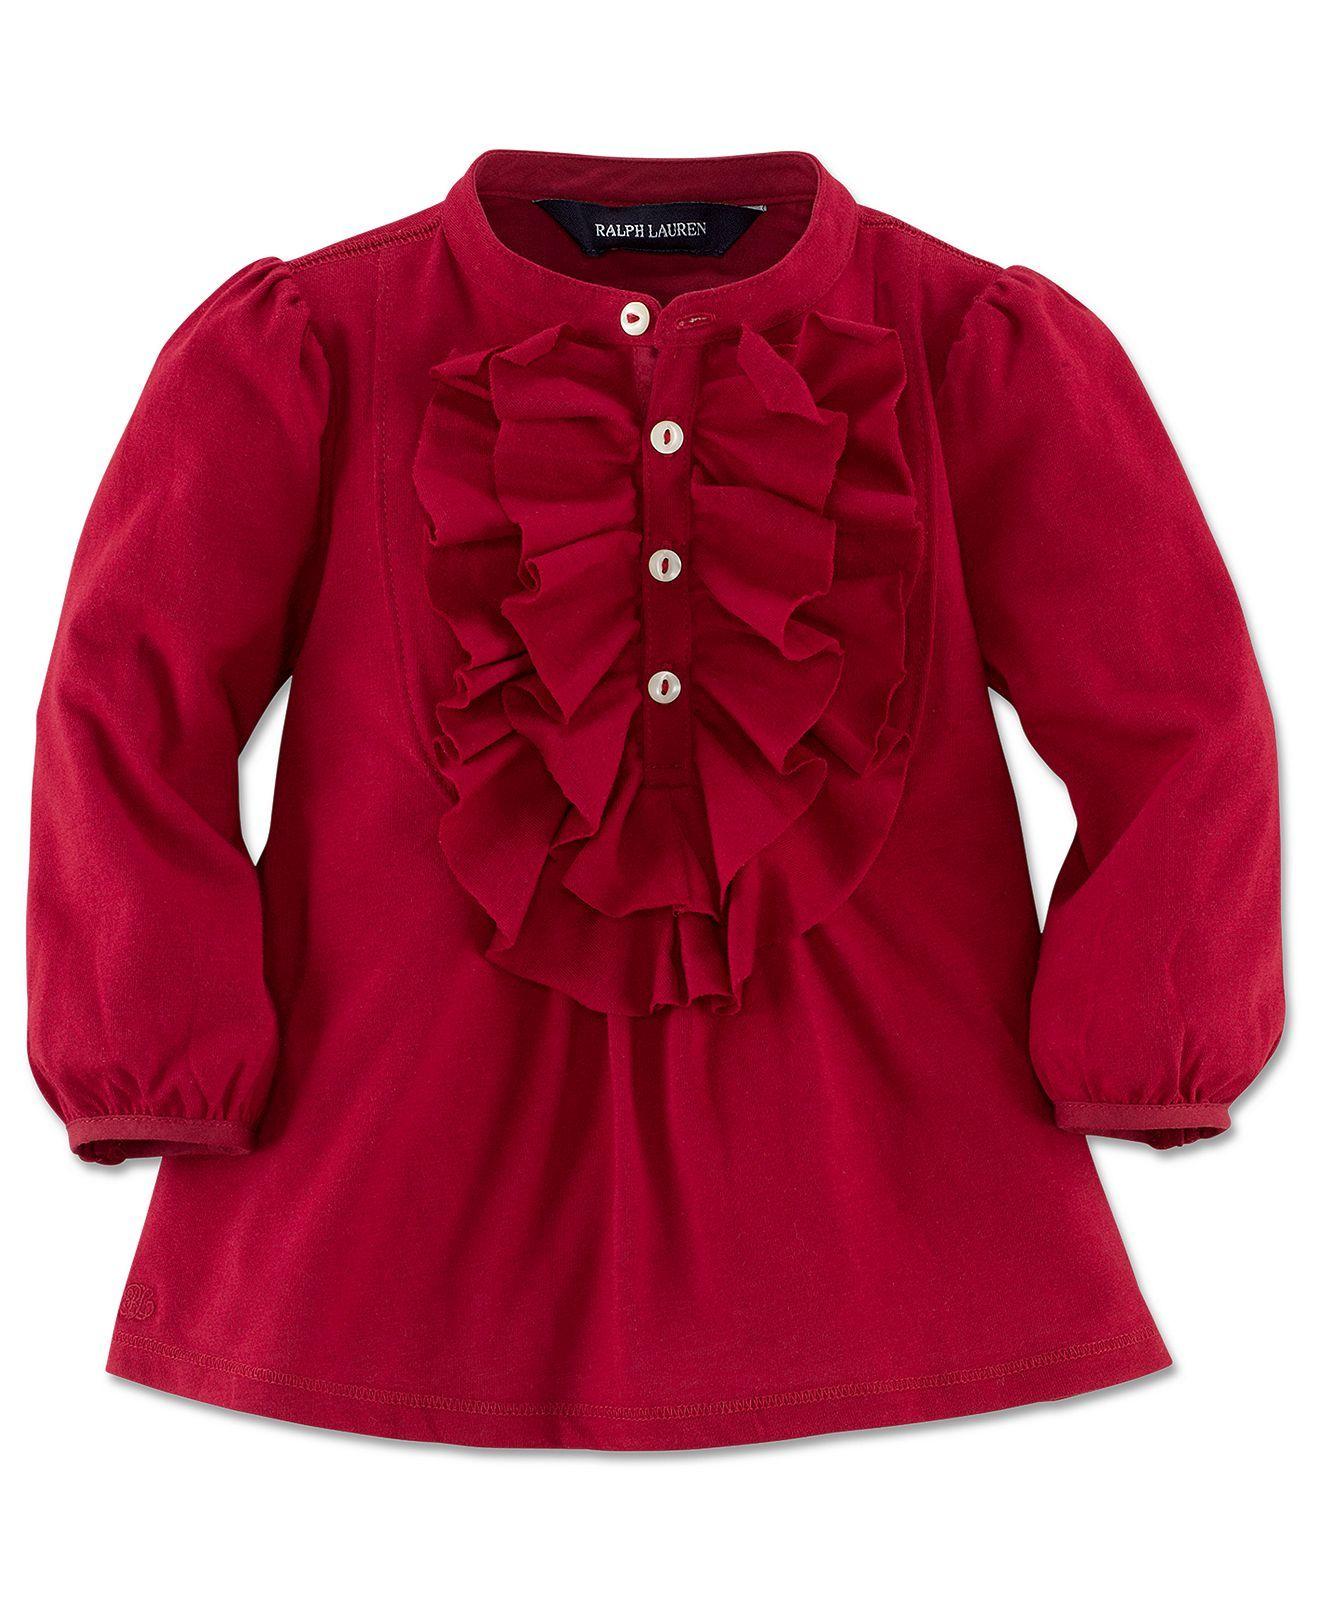 Ralph Lauren Baby Shirt Baby Girls Ruffle Cotton Top Kids Baby